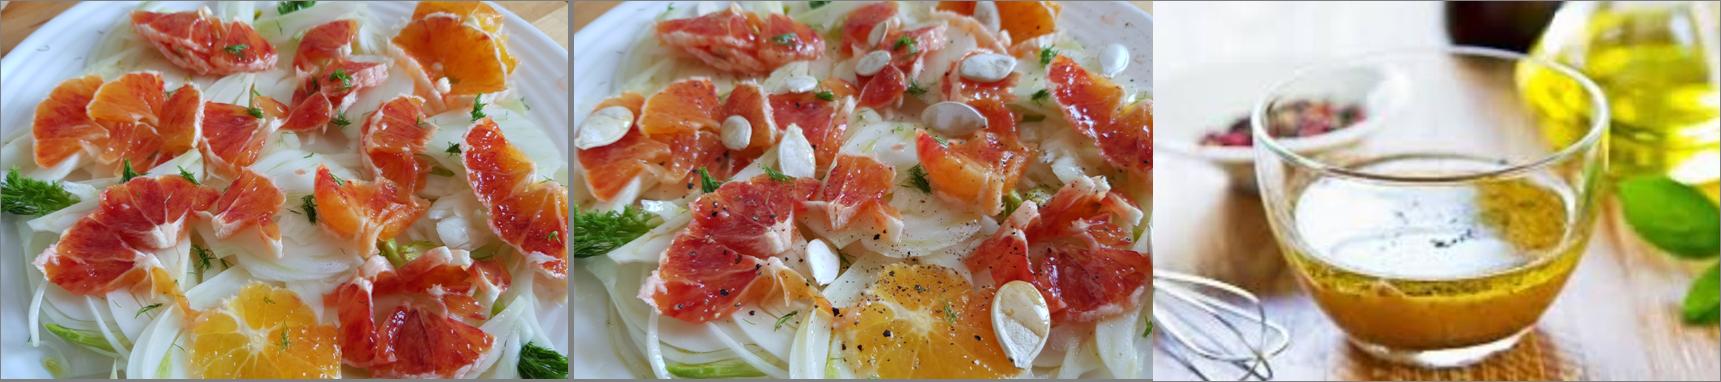 ricetta passo passo insalata di finocchi e arance